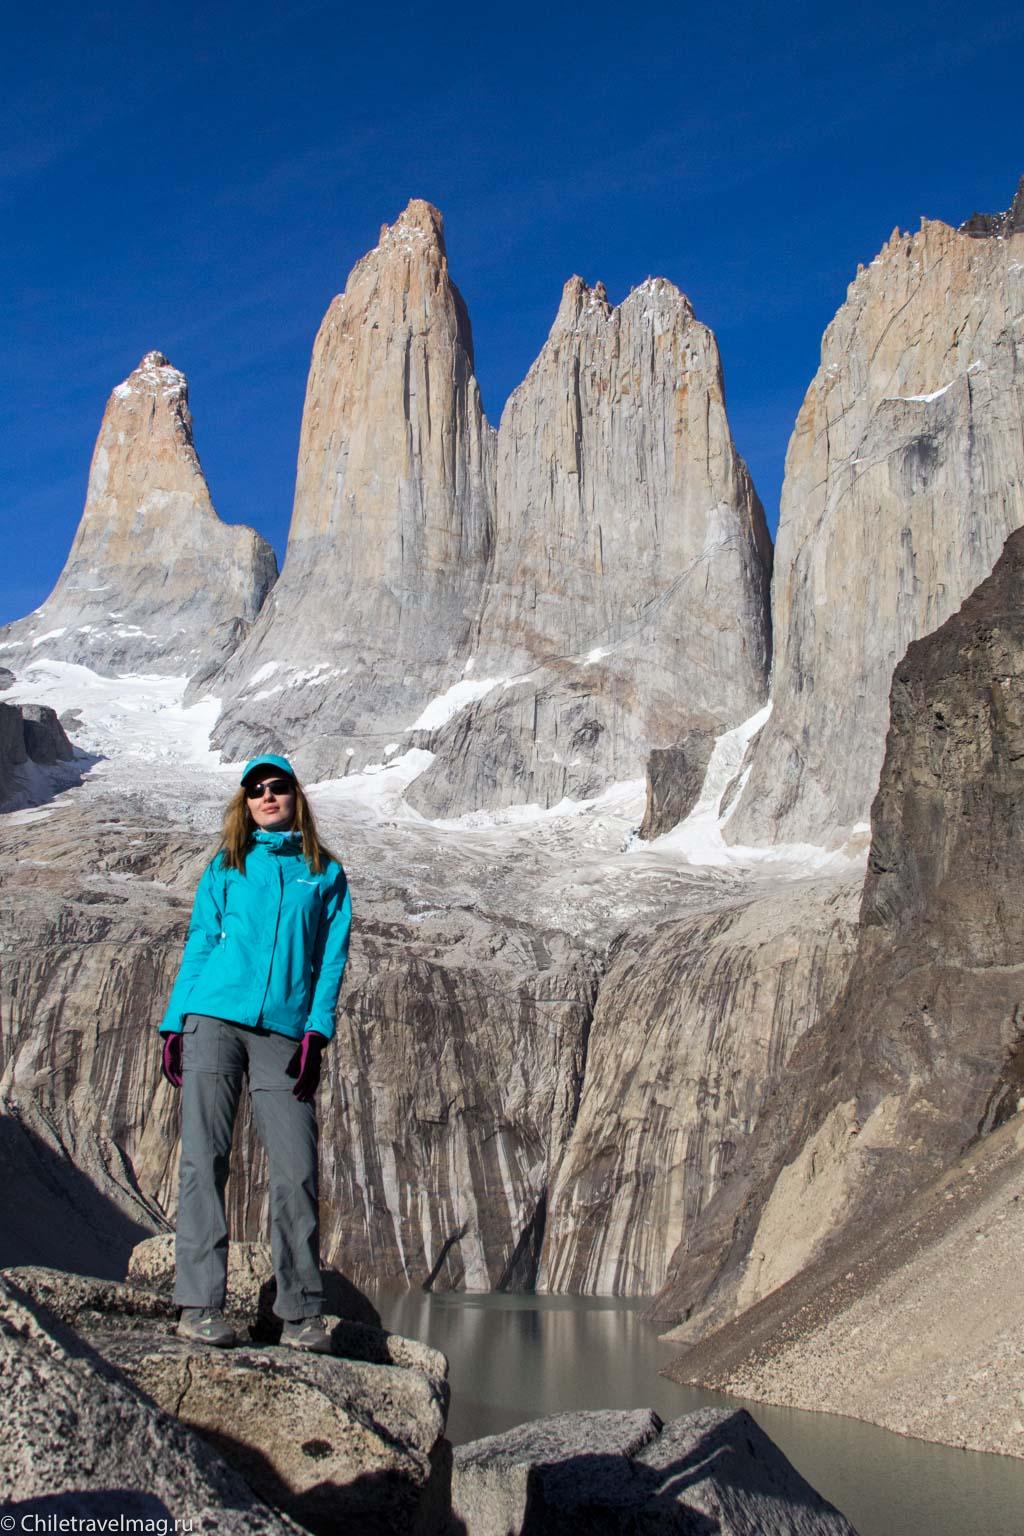 Треккинг к башням Лас-Торрес в Торрес-дель-Пайне, Чили